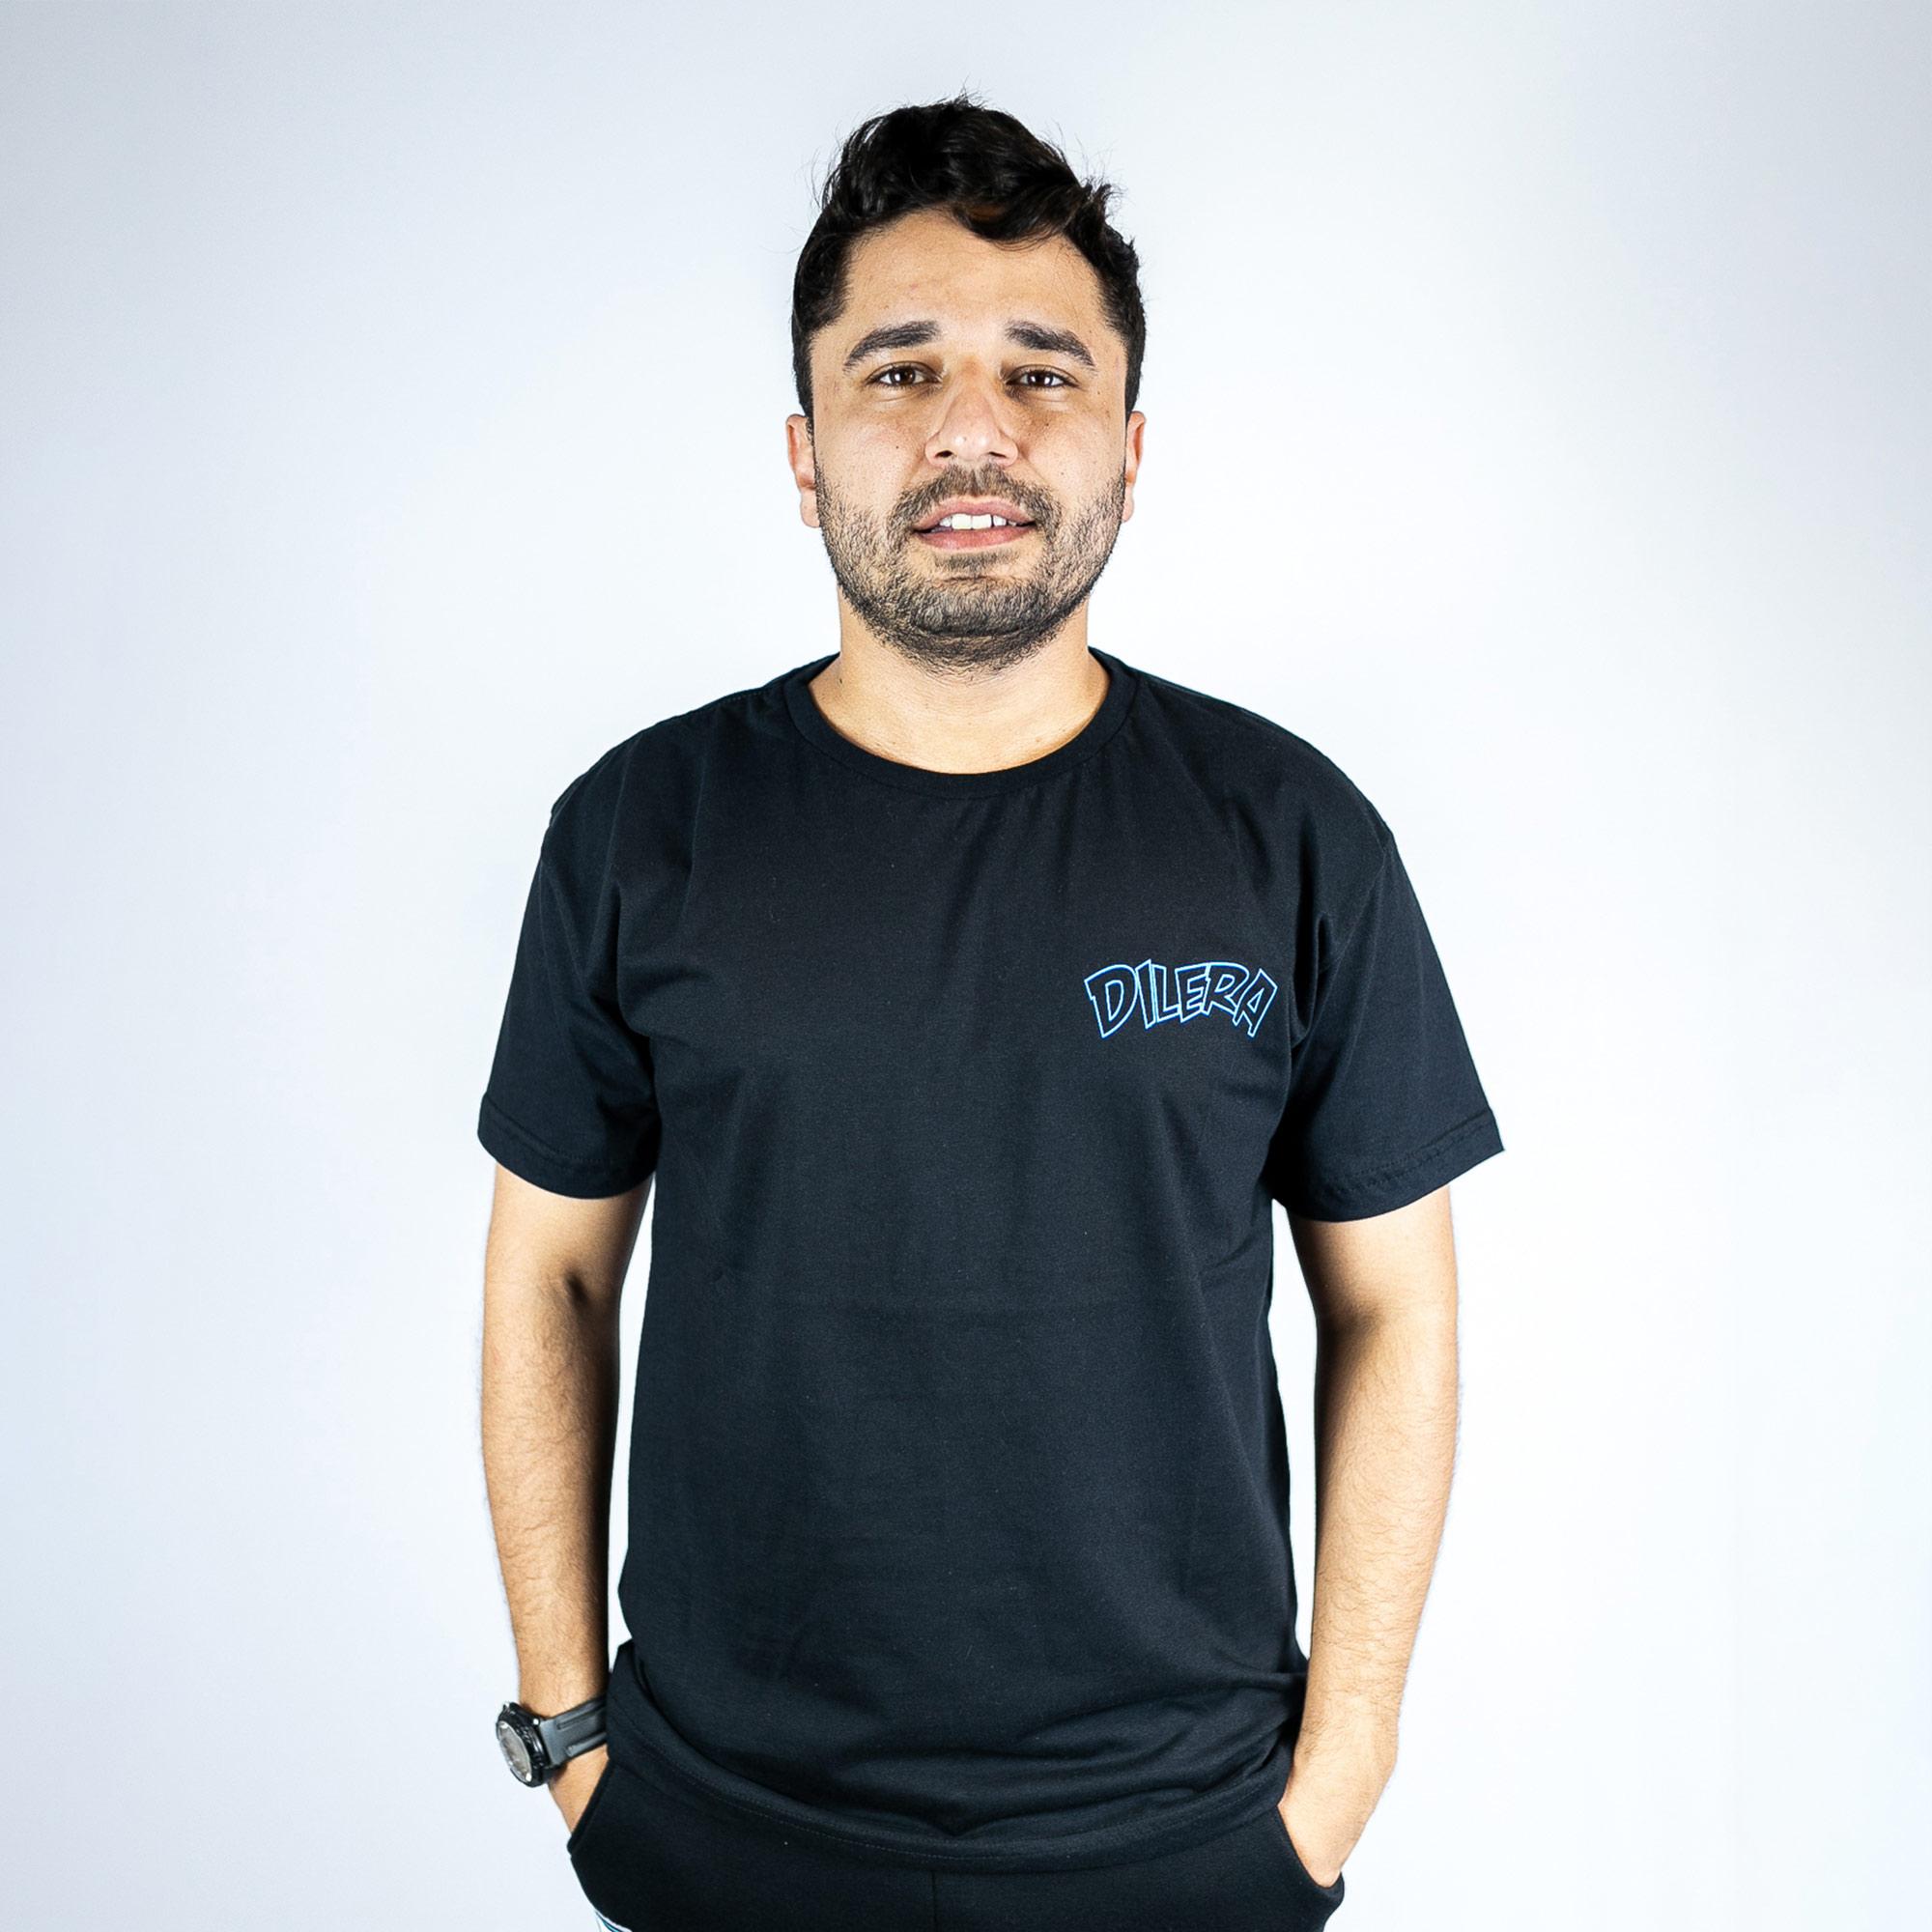 Camiseta Dilera Super Preta